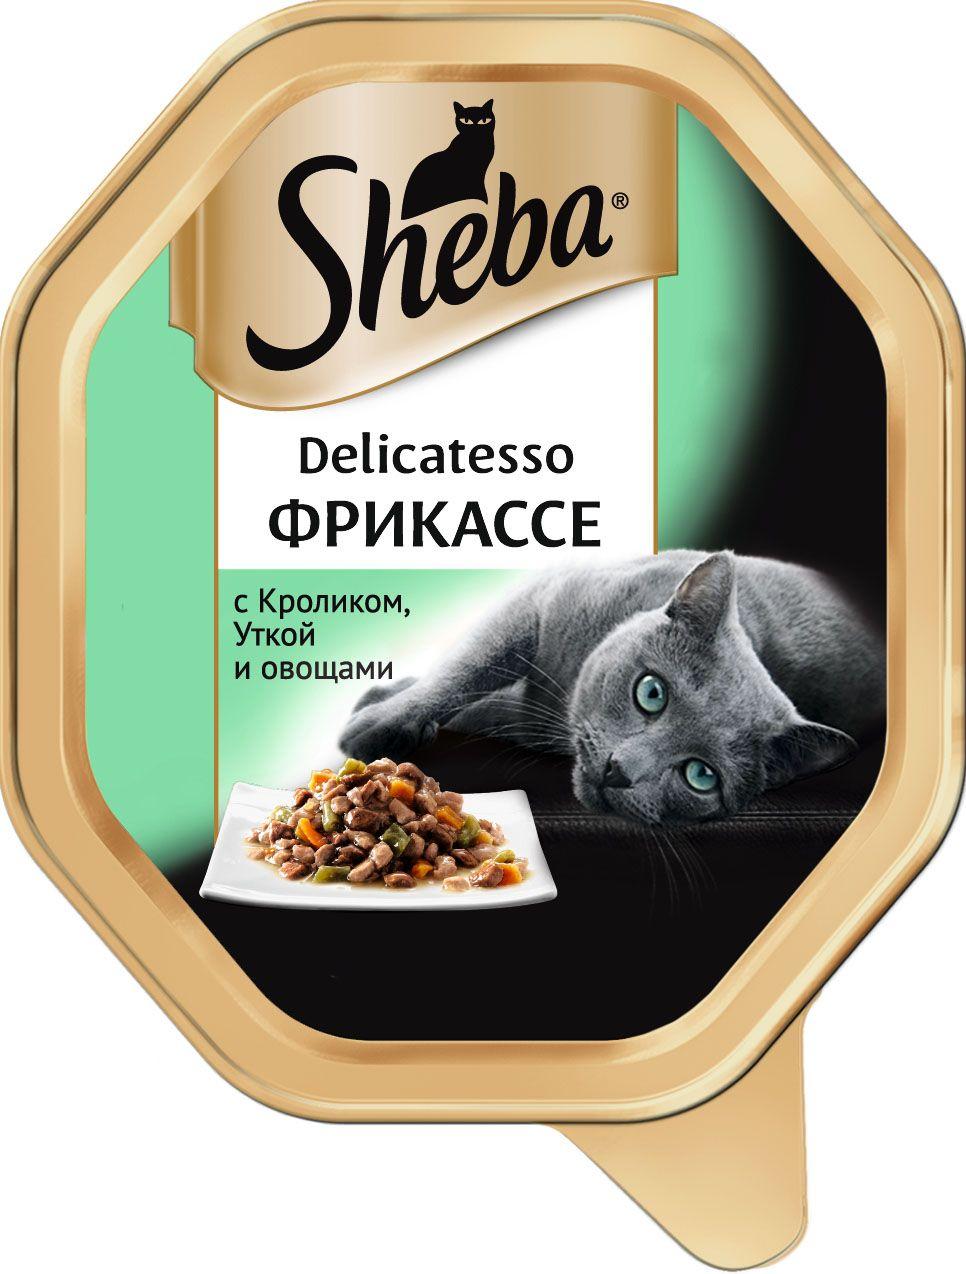 Корм консервированный Sheba Delicatesso, для взрослых кошек, от 1 года, фрикассе с кроликом, уткой и овощами, 85 г х 22 шт80690Консервированный корм Sheba Delicatesso предназначен для взрослых кошек от 1 года. Насыщенный мясной вкус и необычное сочетание паштета и мясных ломтиков не оставит вашу любимицу равнодушной, а особая сервировка подчеркнет все богатство вкусаизысканного деликатеса! В состав корма входят мясо и мясные ингредиенты самого высокого качества, а также витамины, злаки, таурин и минеральные вещества. Каждый ломтик бережно обварен и полит нежным соусом. В составе нет сои, консервантов, искусственных красителей и усилителей вкуса.Товар сертифицирован.